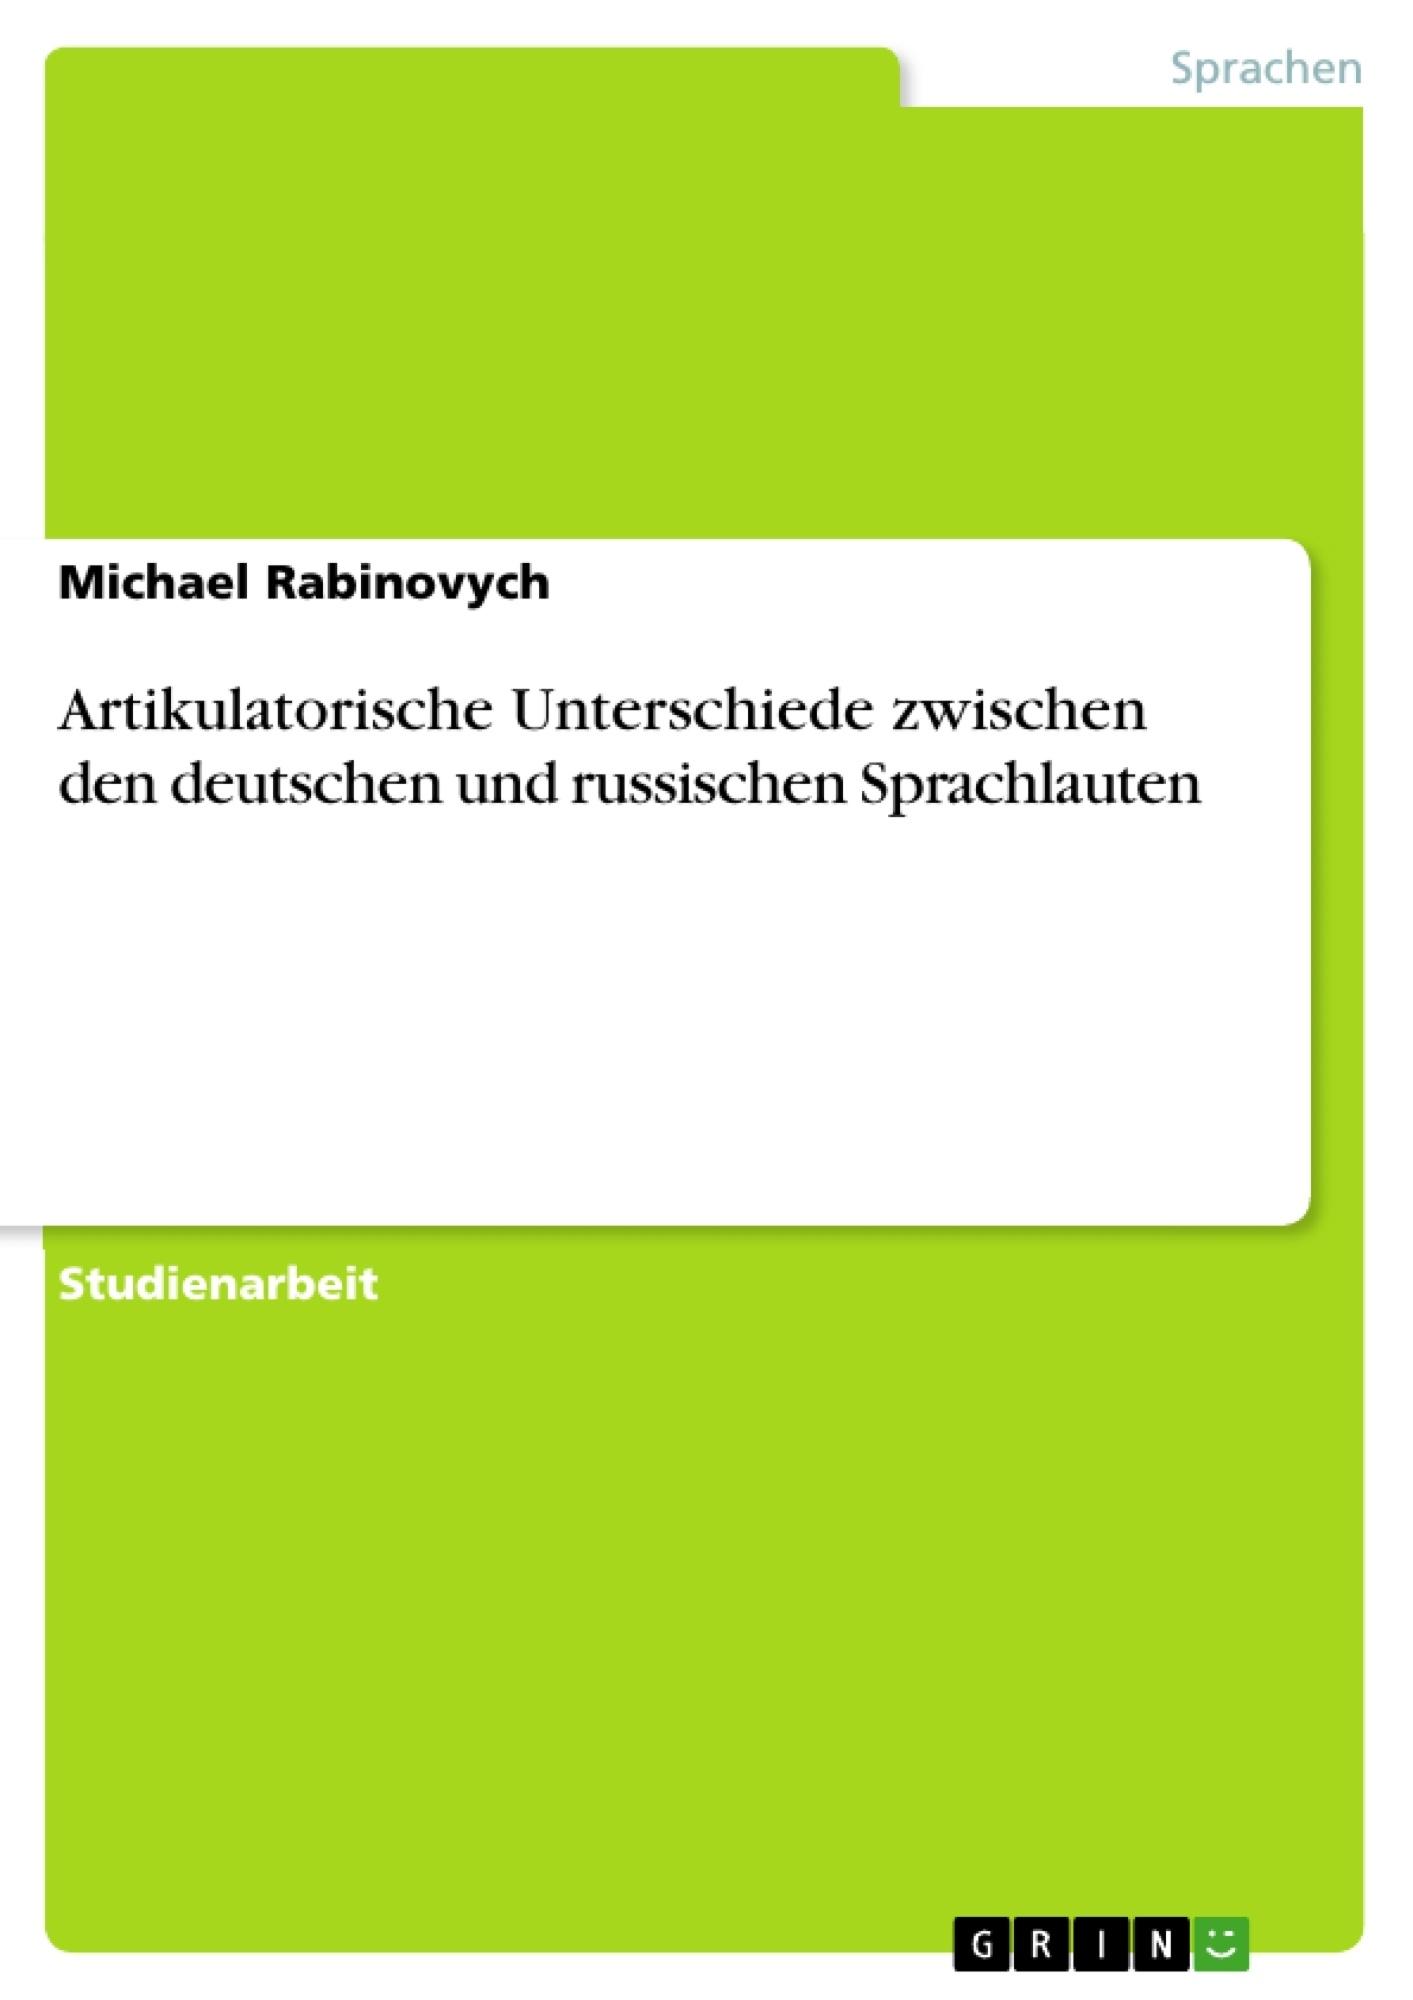 Titel: Artikulatorische Unterschiede zwischen den deutschen und russischen Sprachlauten